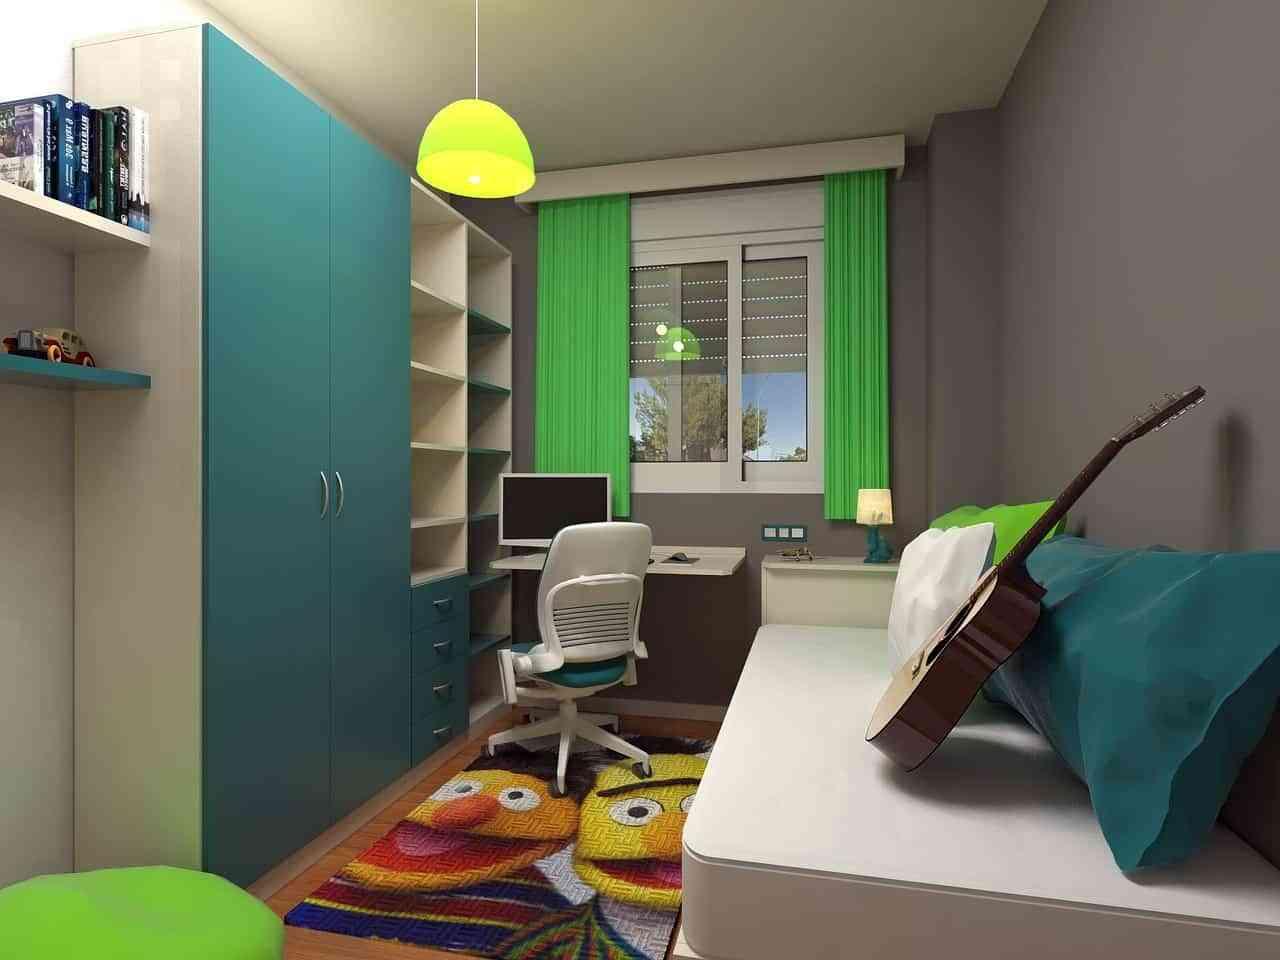 Consejos para decorar dormitorios juveniles pequeñas 1